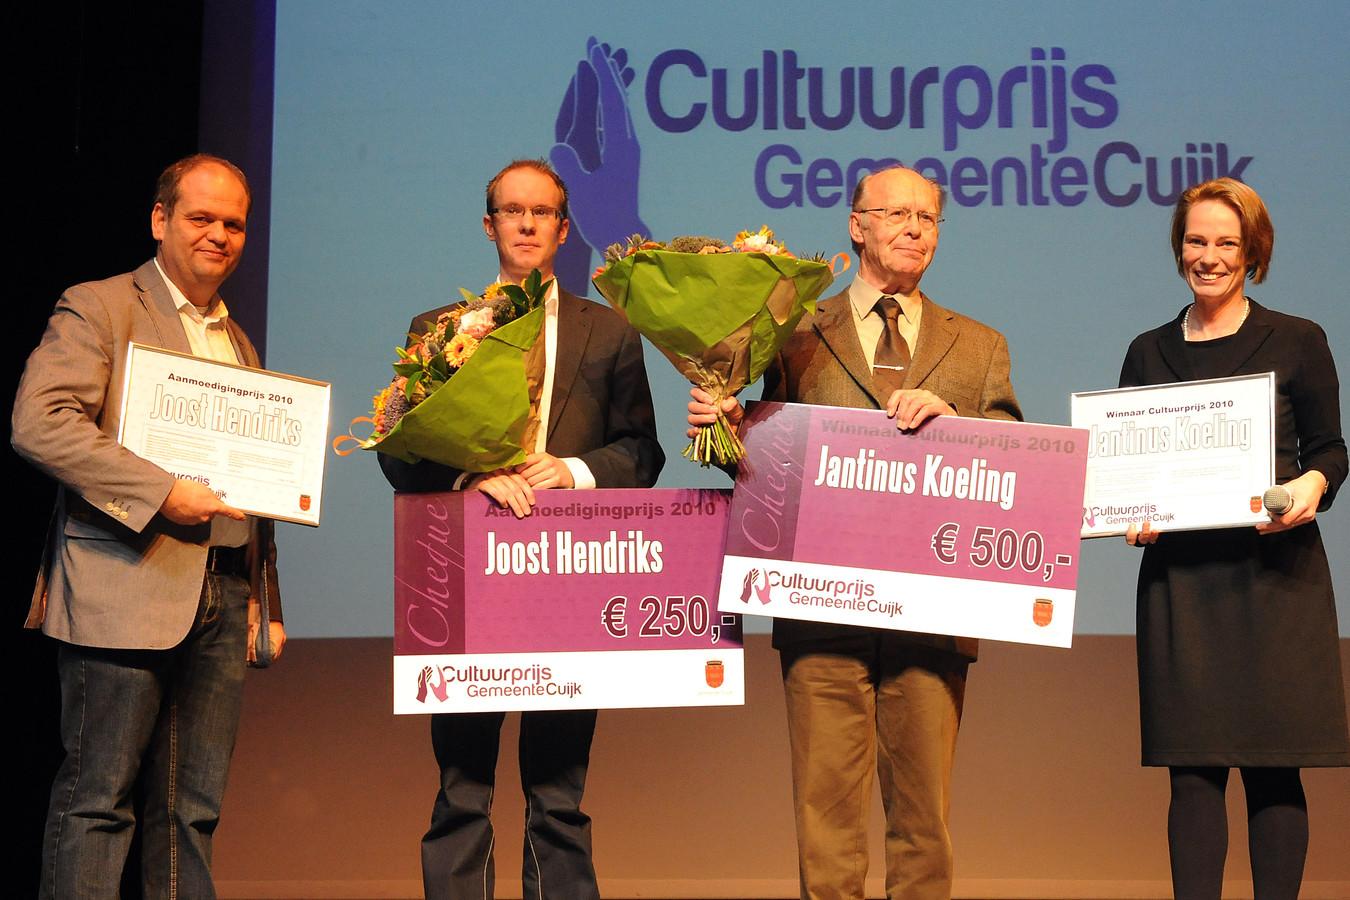 Joost Hendriks (nu wethouder in Cuijk) en Jantinus Koeling vielen in 2011 bij de Cultuurprijs nog in de prijzen.